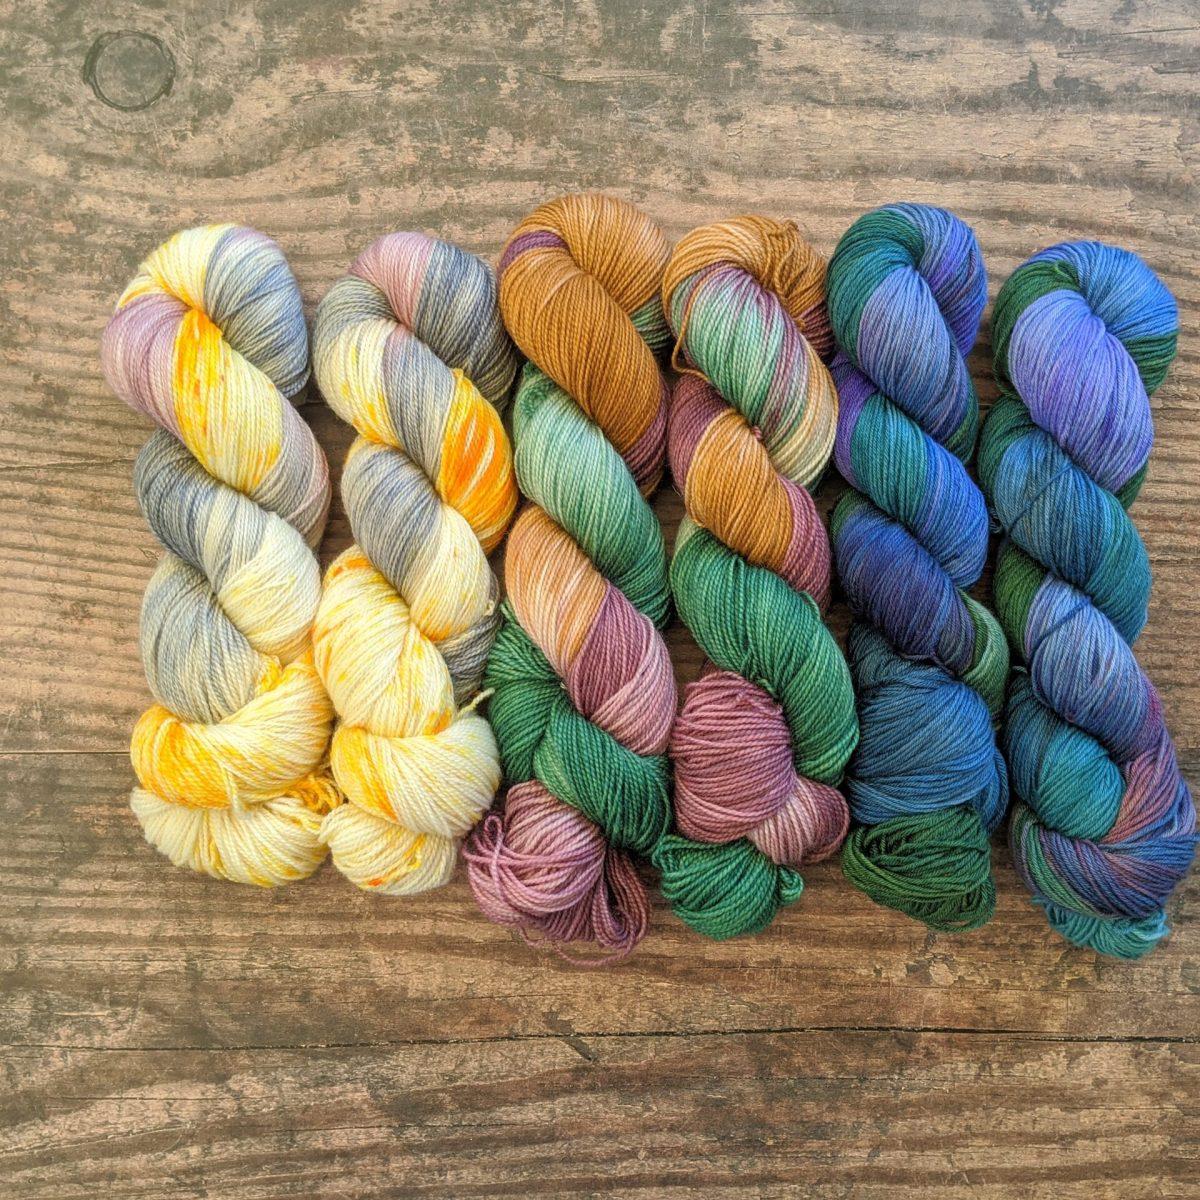 Hand dyed yarn skeins